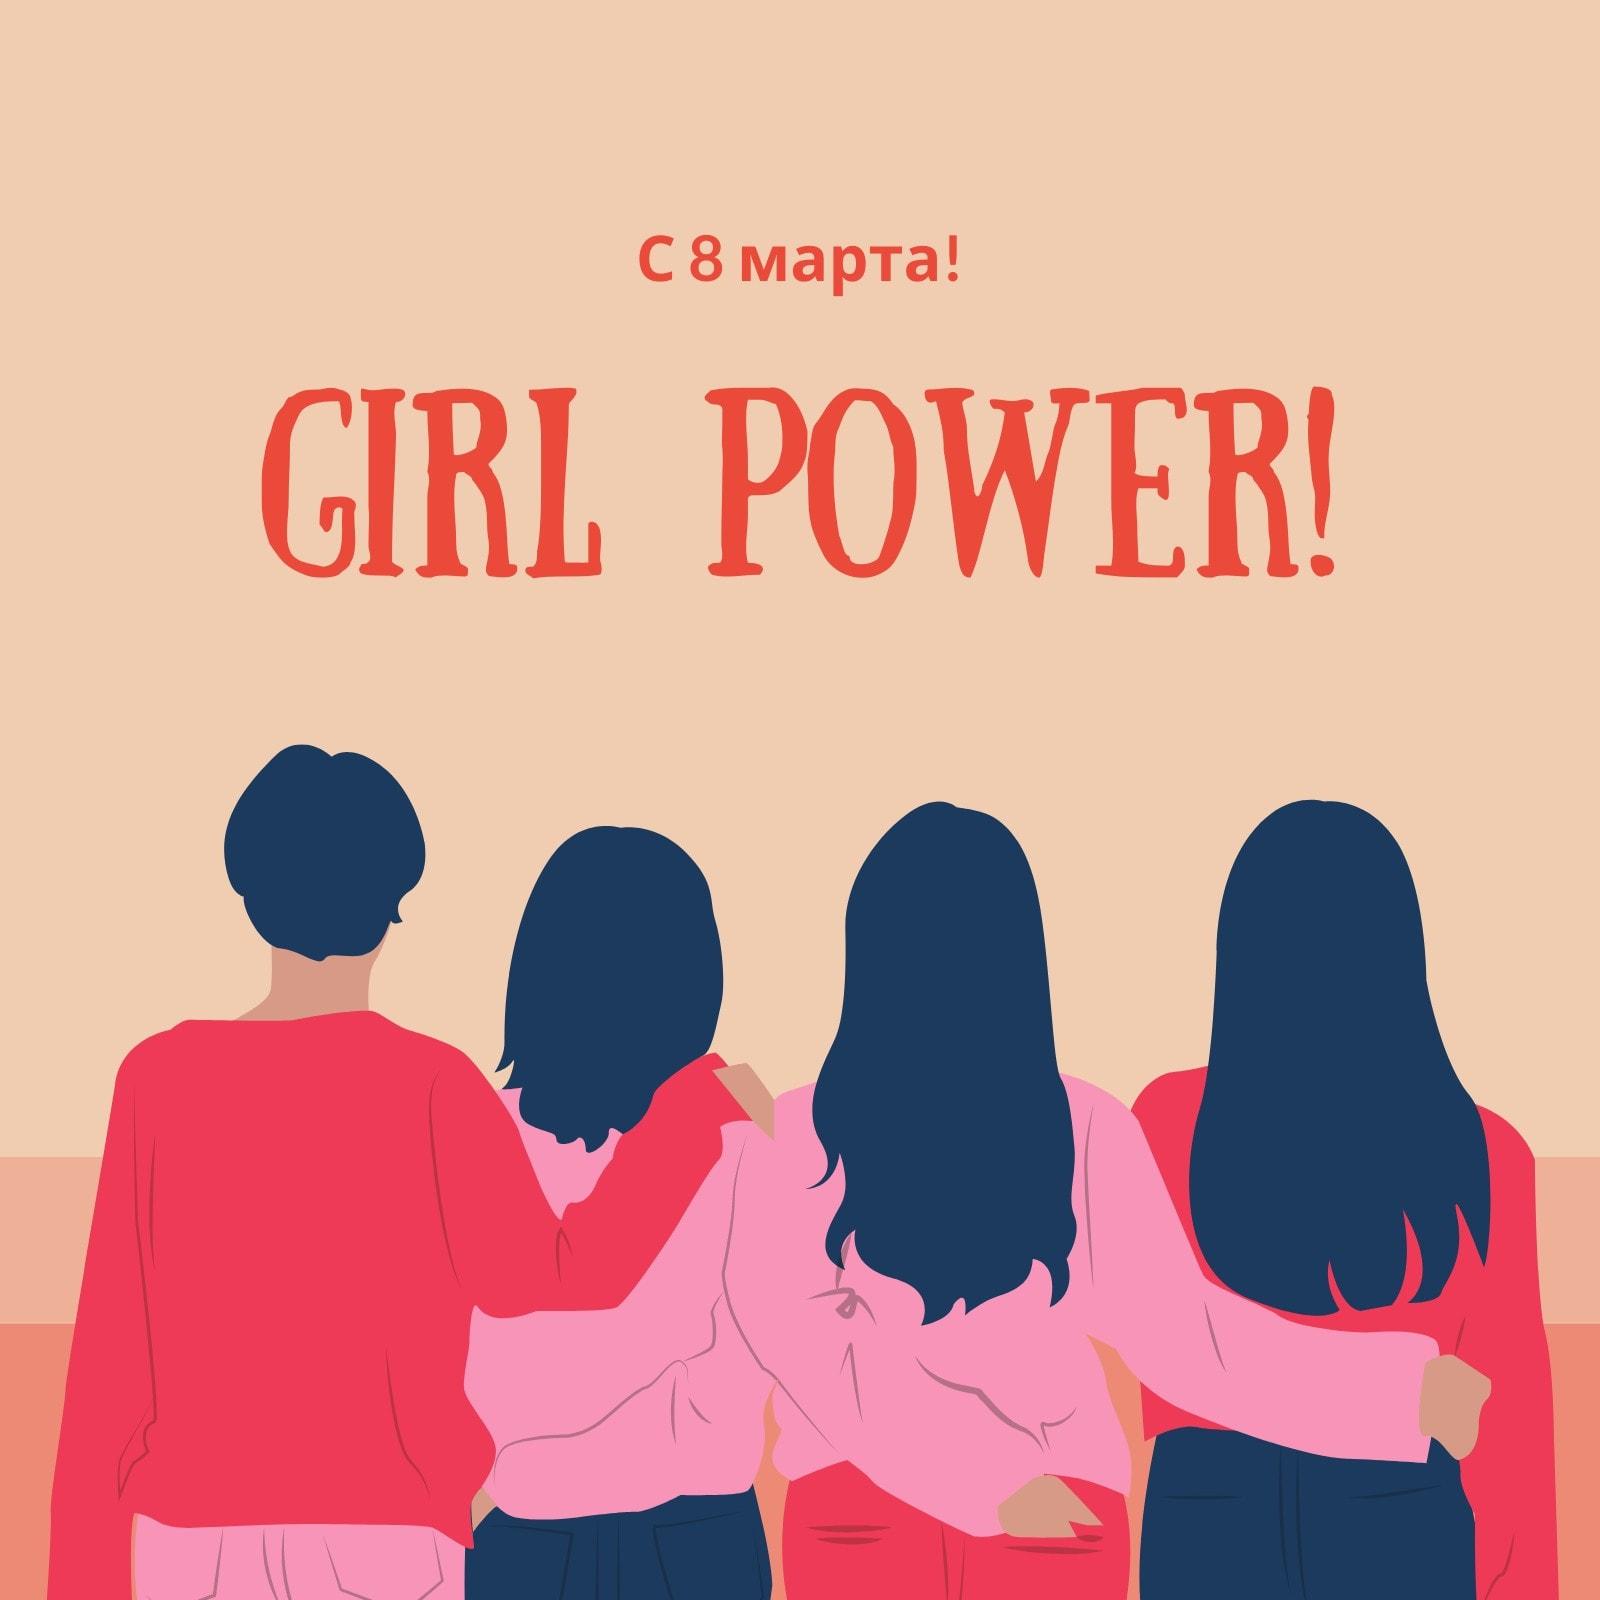 Цветная публикация в Instagram на женский день с рисунком девушек